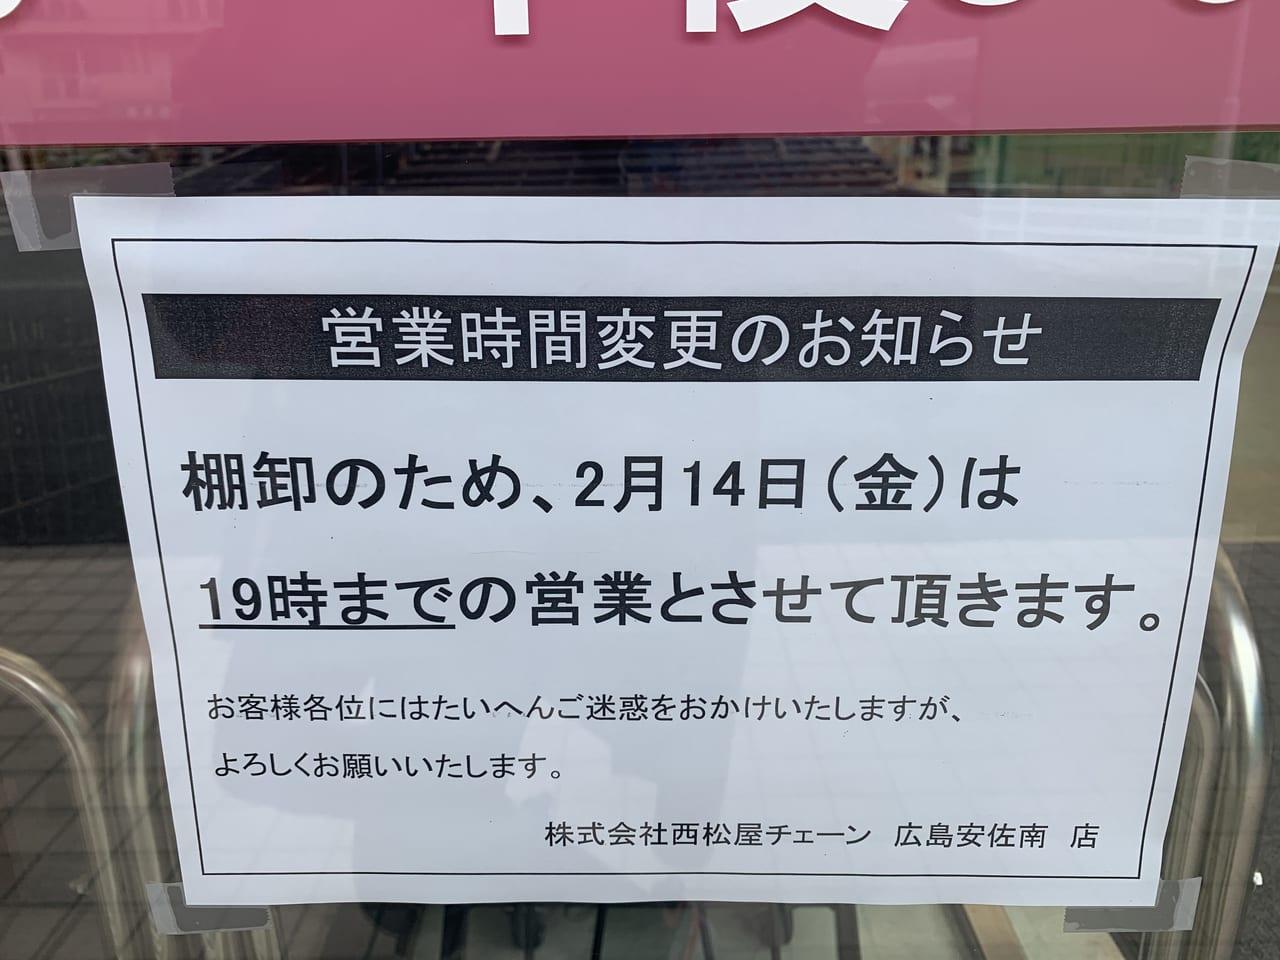 西松屋営業時間変更